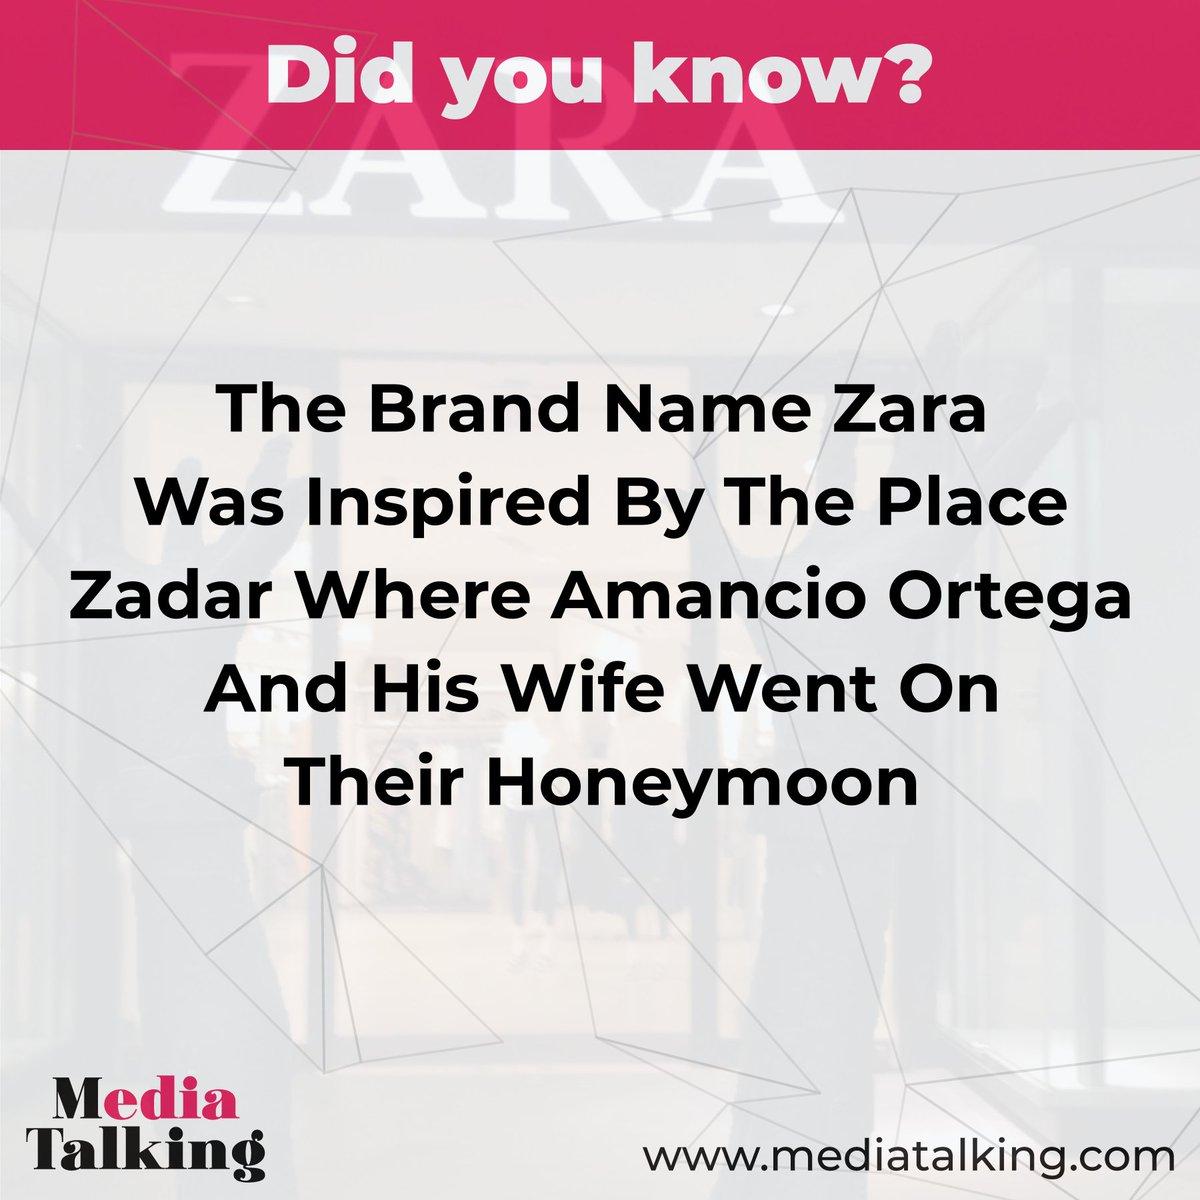 The brand name Zara was inspired by the place Zadar where Amancio Ortega and his wife went on their Honeymoon @zara #zarawoman #zaradress #zarasale #zarakids #zarafashion #zaragoza #zaraoutfit #zaraph #zarathailand #talking #marketing #media #branding #design #fashionpic.twitter.com/ldLXaS7IGs